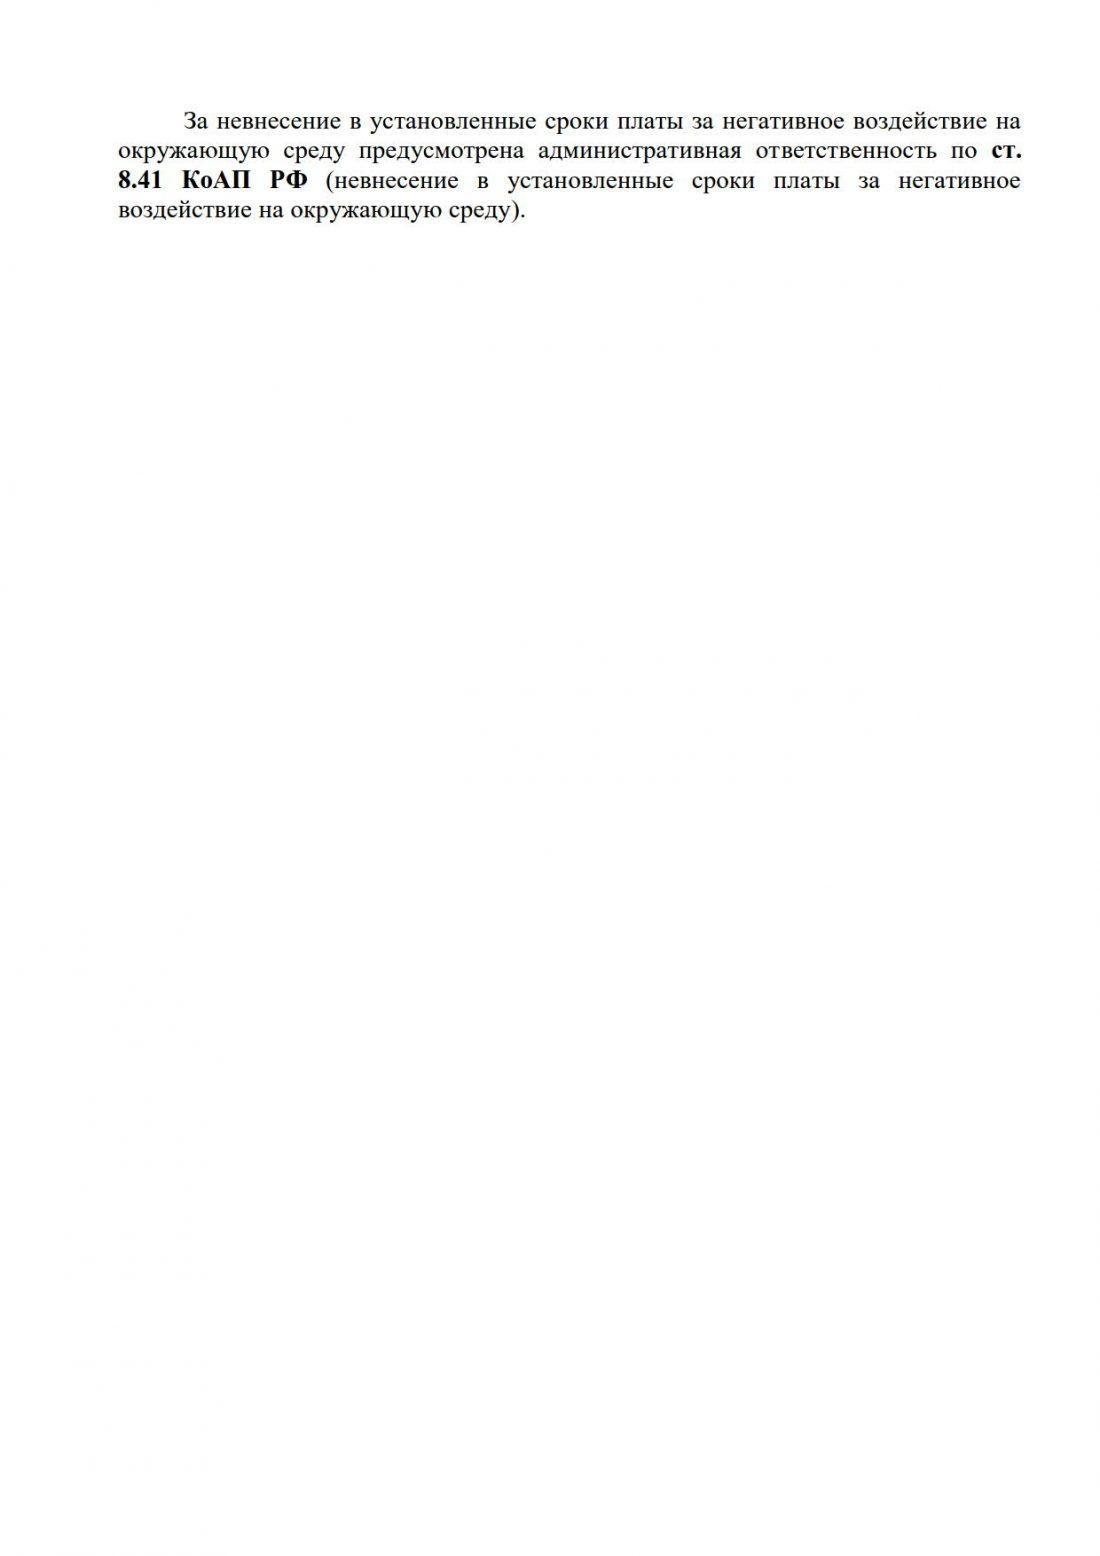 текст по НВОС и отчет в НЛБВУ_2